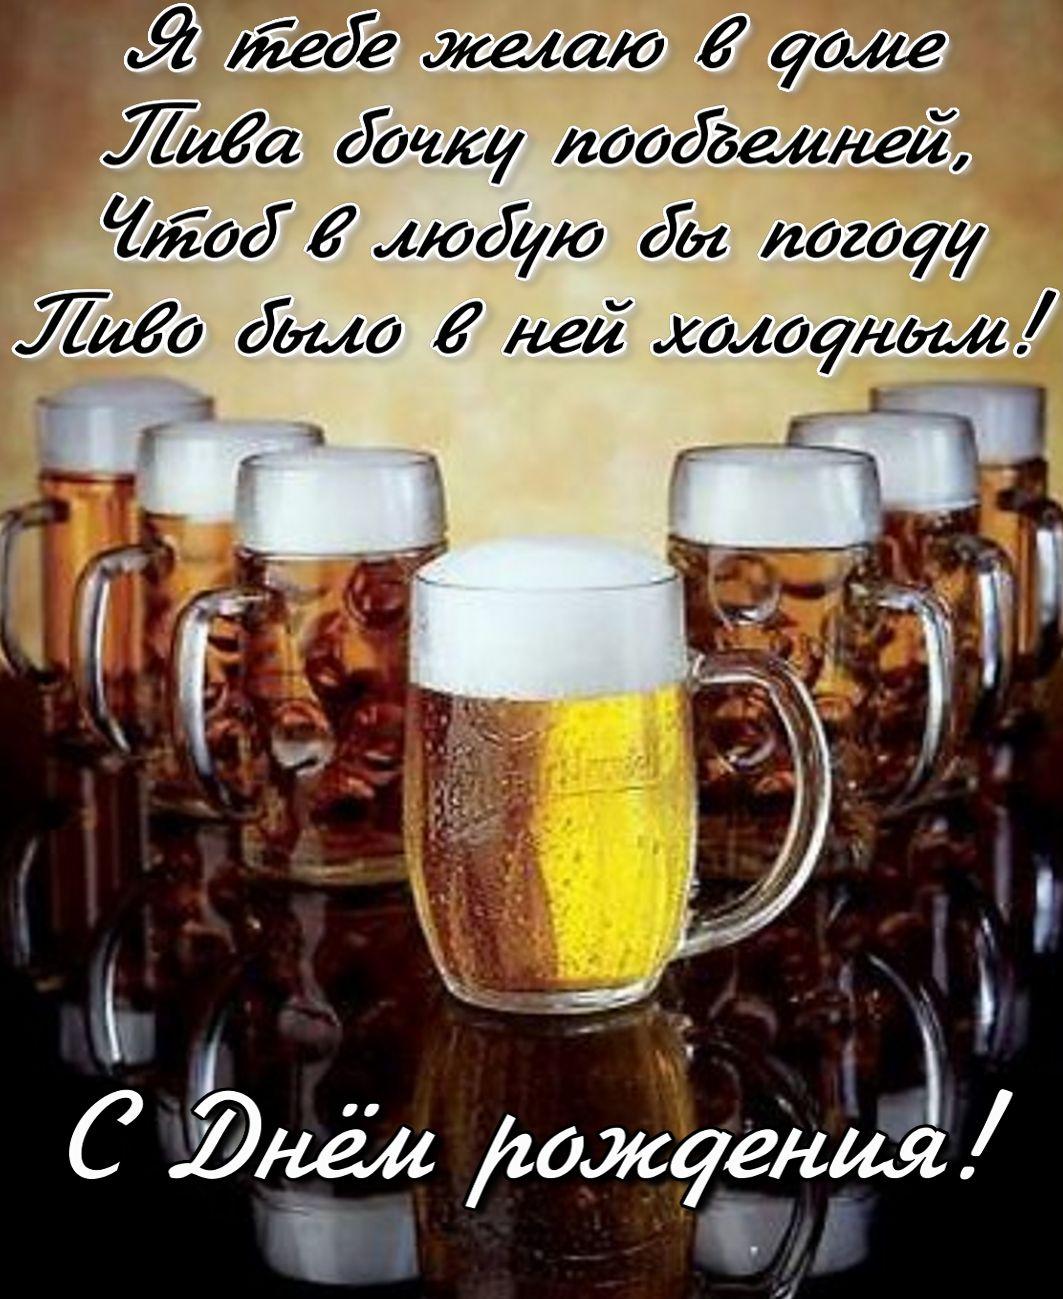 Похолодало, картинка всем хорошего дня с пивом